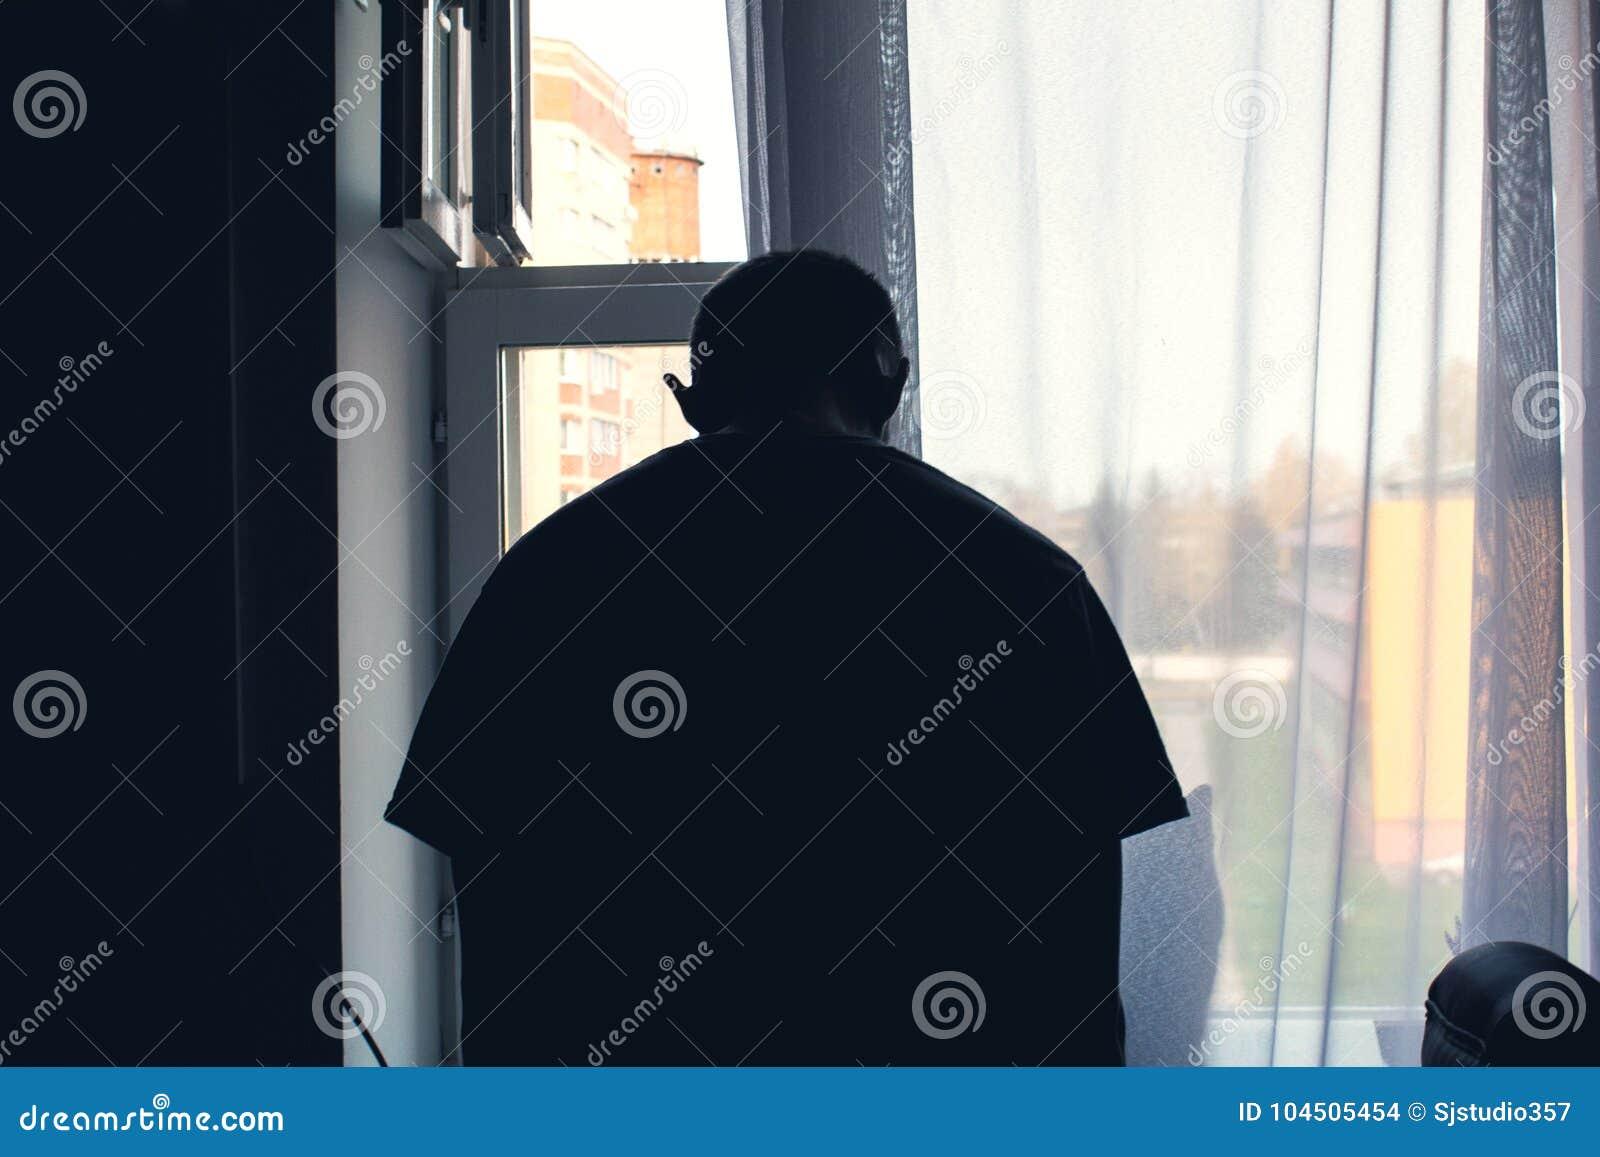 窗口的人,弯曲他的头下来在消沉,要自杀